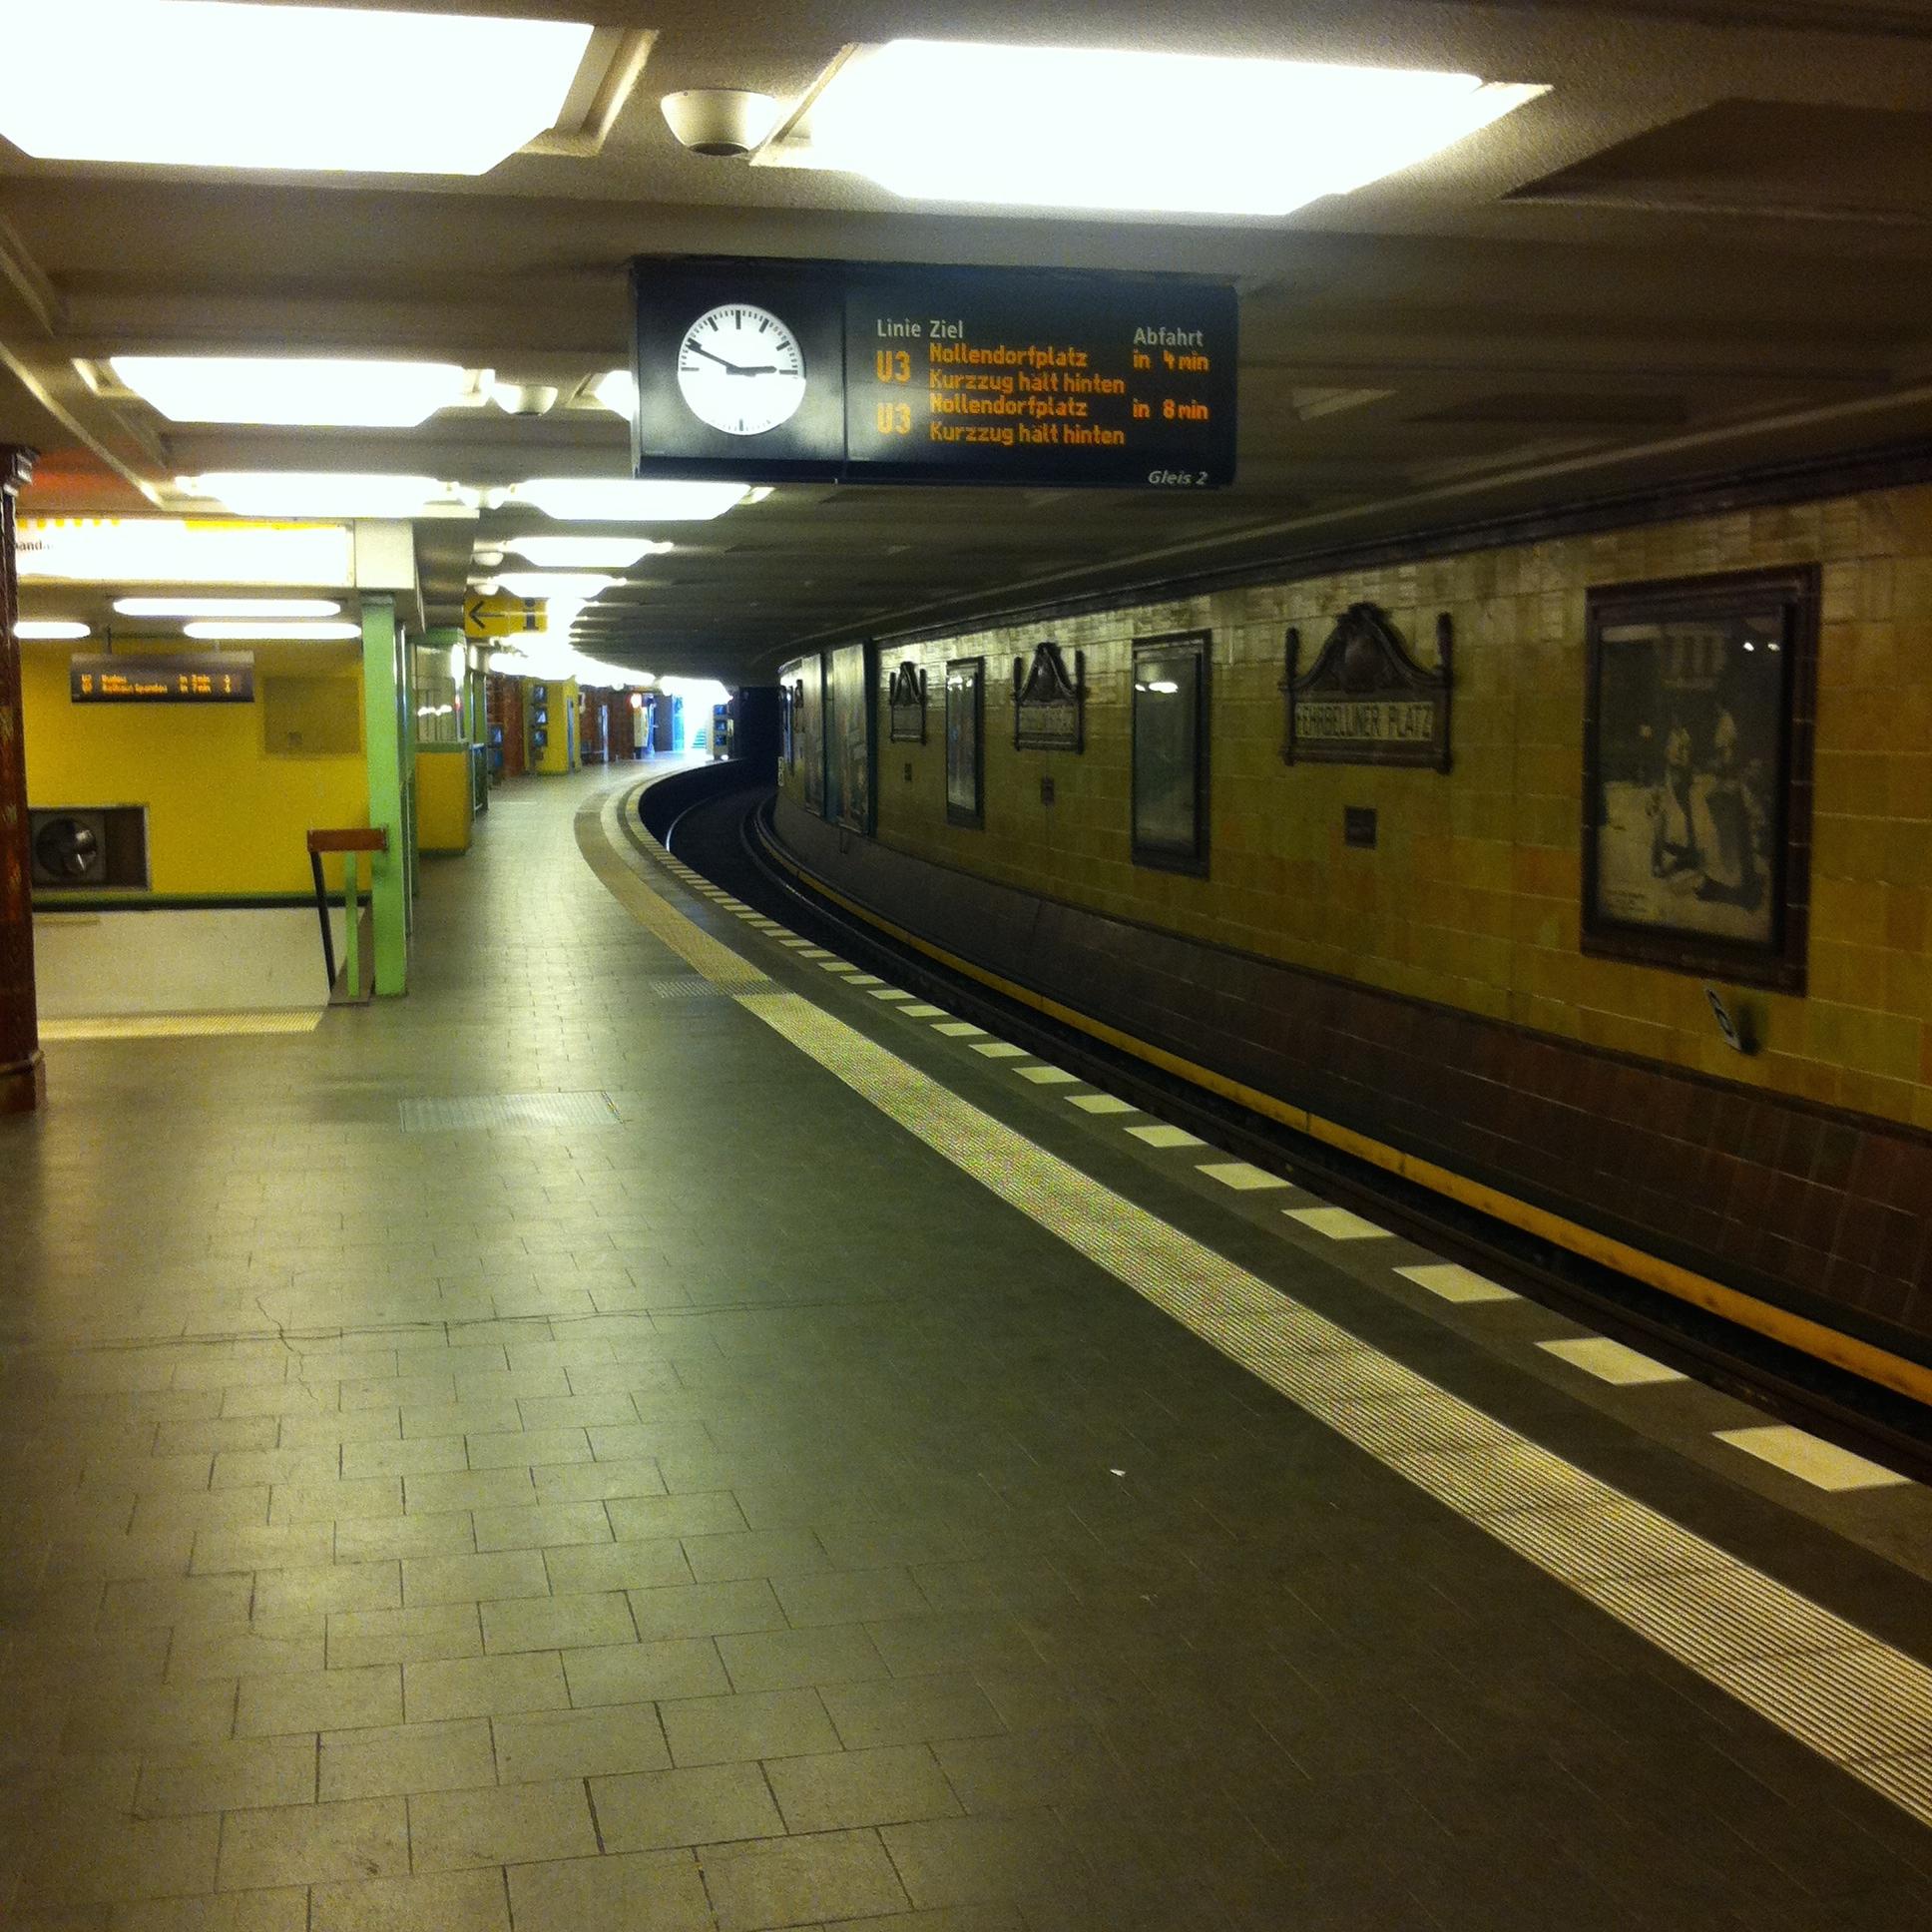 Station de métro à Berlin